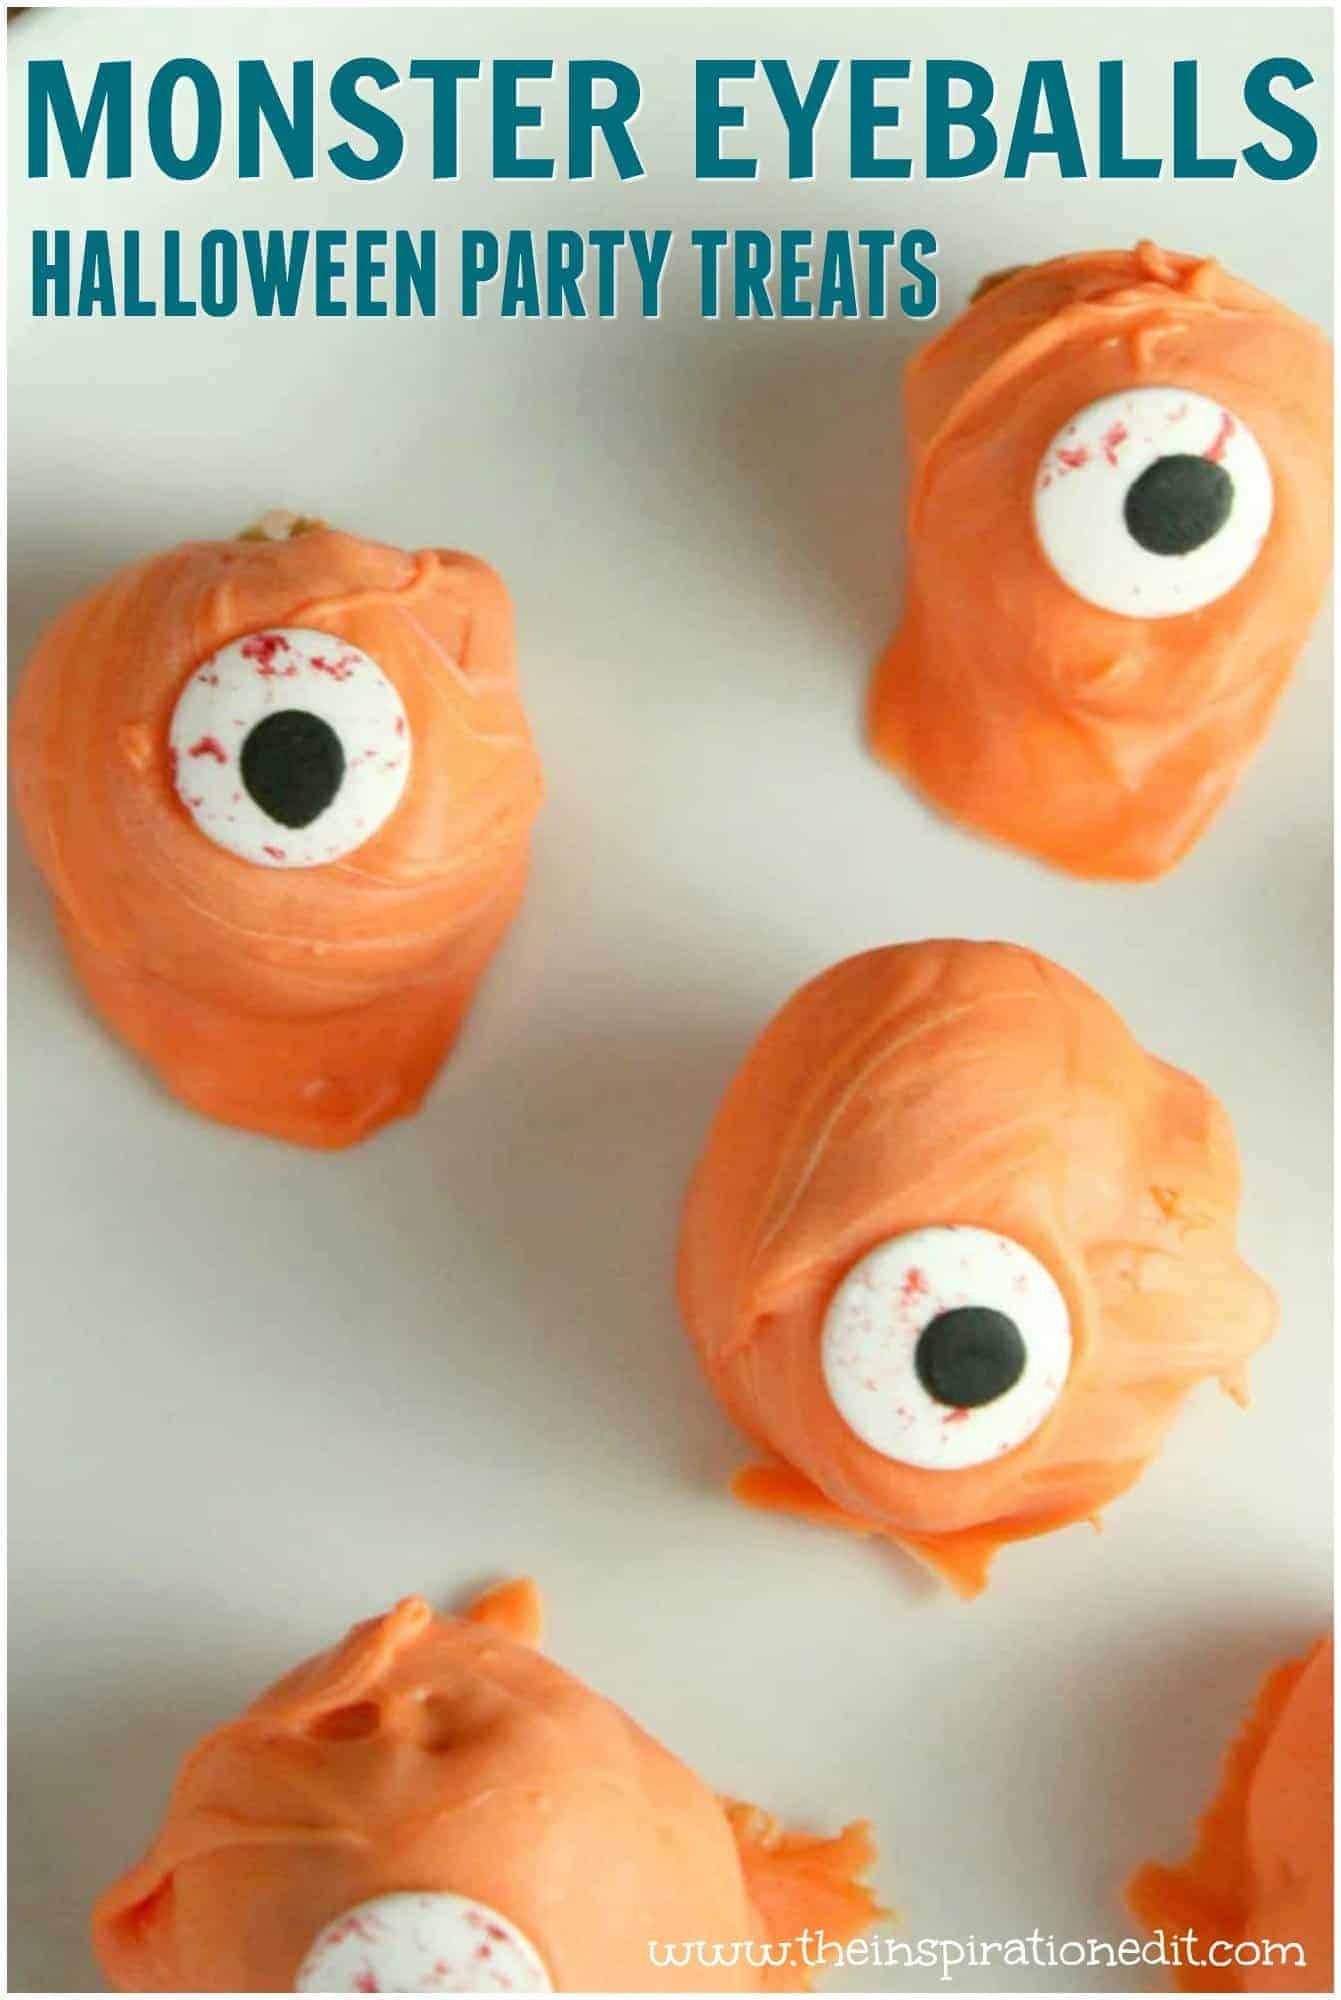 Halloween Monster Eyeballs